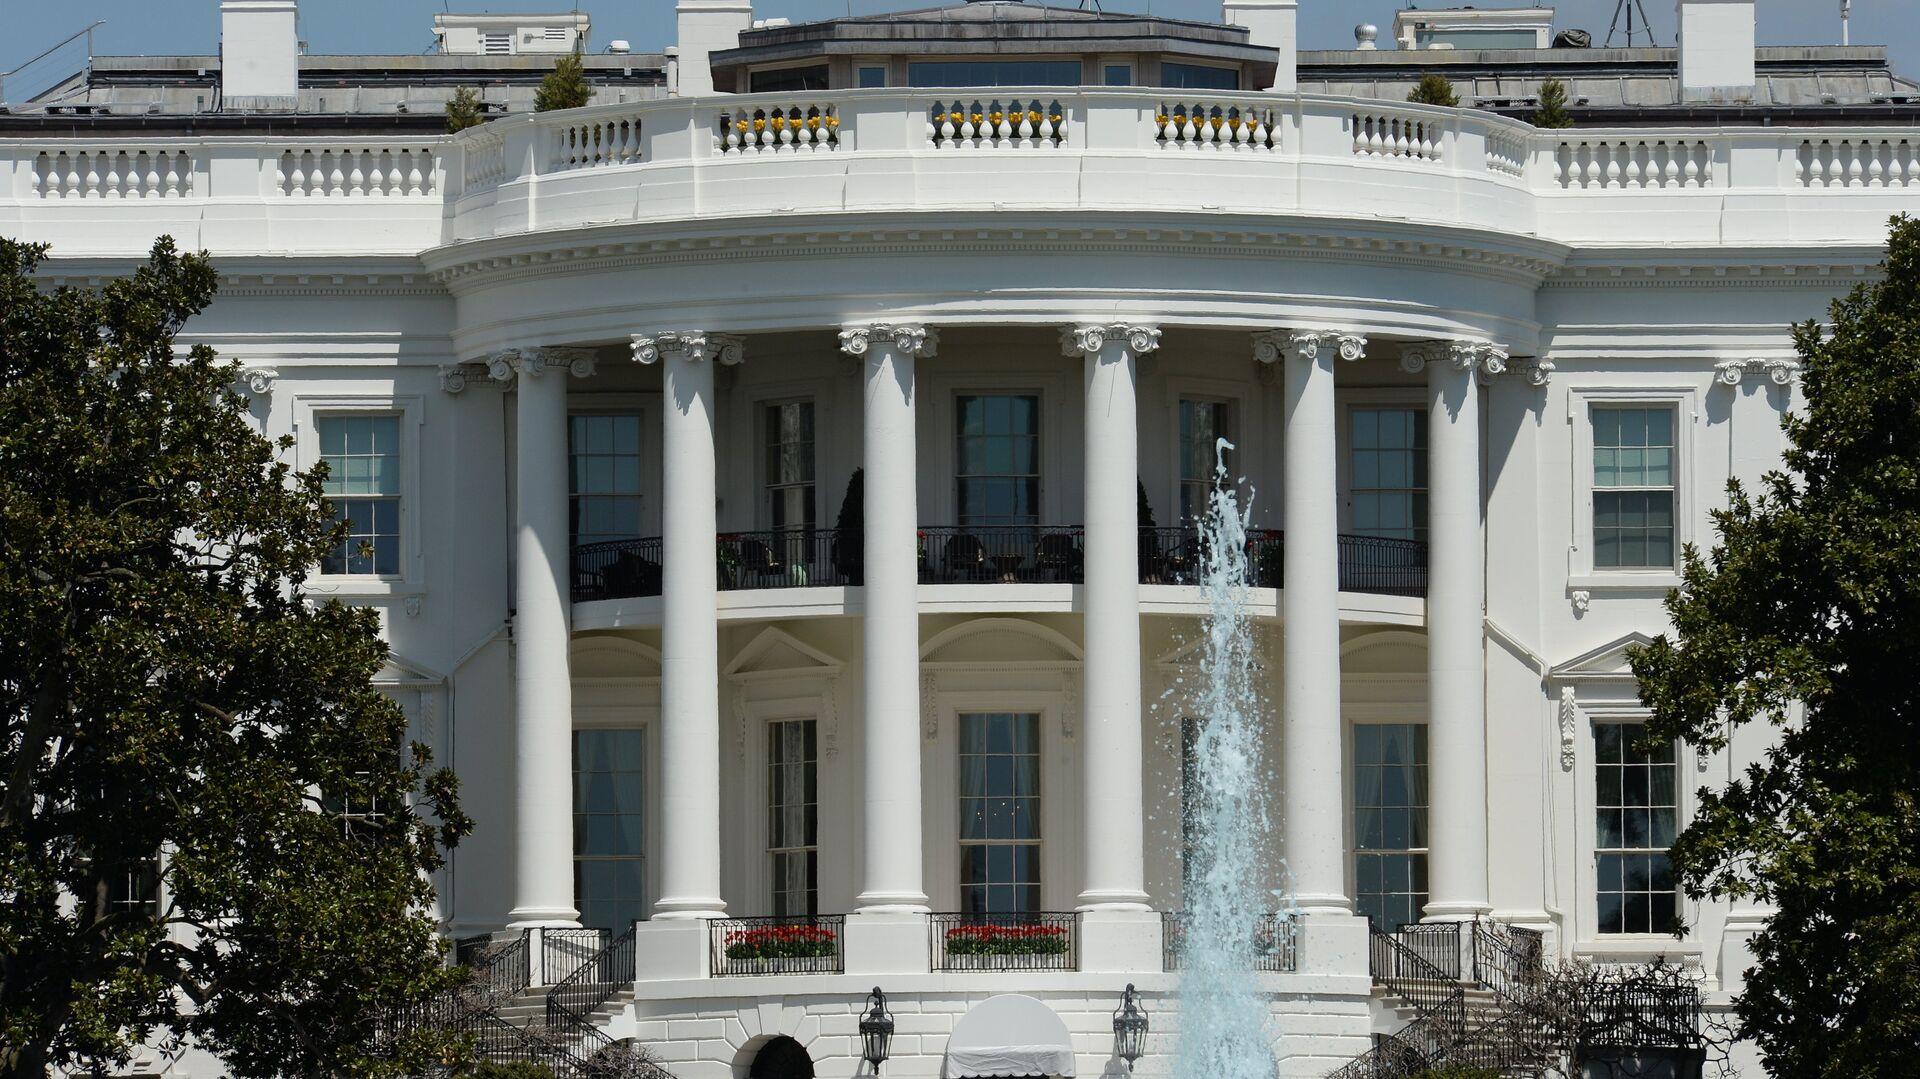 Официальная резиденция президента США - Белый дом - РИА Новости, 1920, 30.04.2021